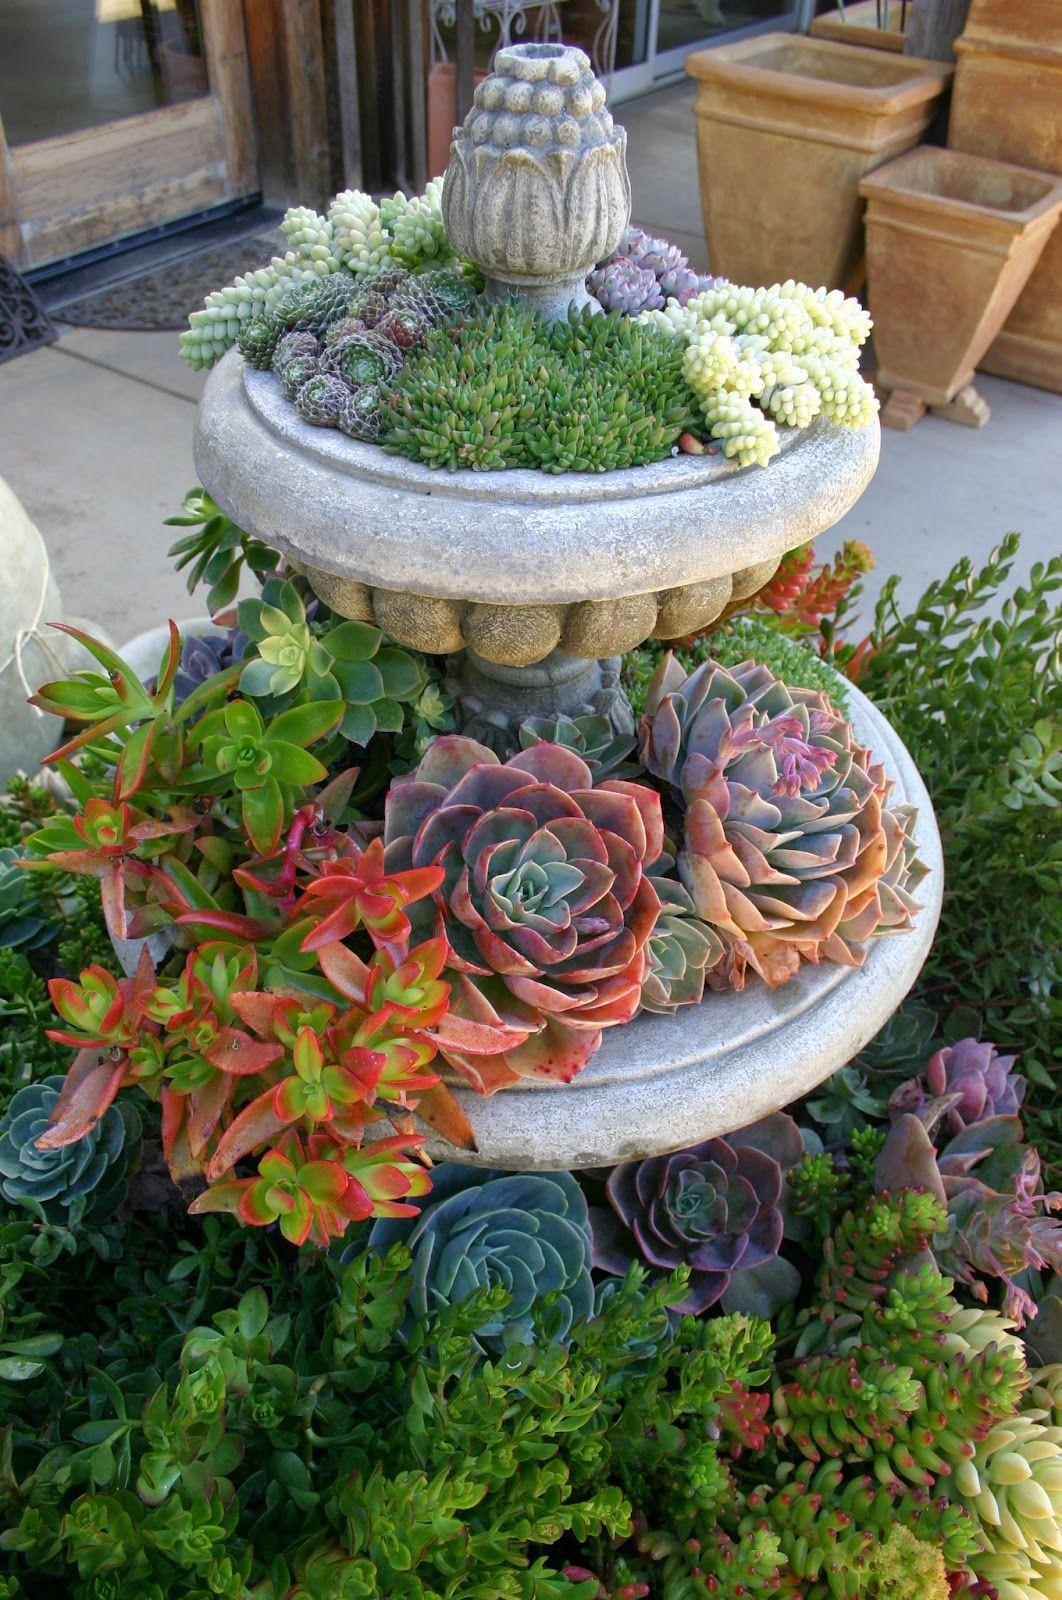 20 Ideas Para Decorar Un Lindo Jardin Con Suculentas Suculentas Jardin Suculentas Jardin De Cactus